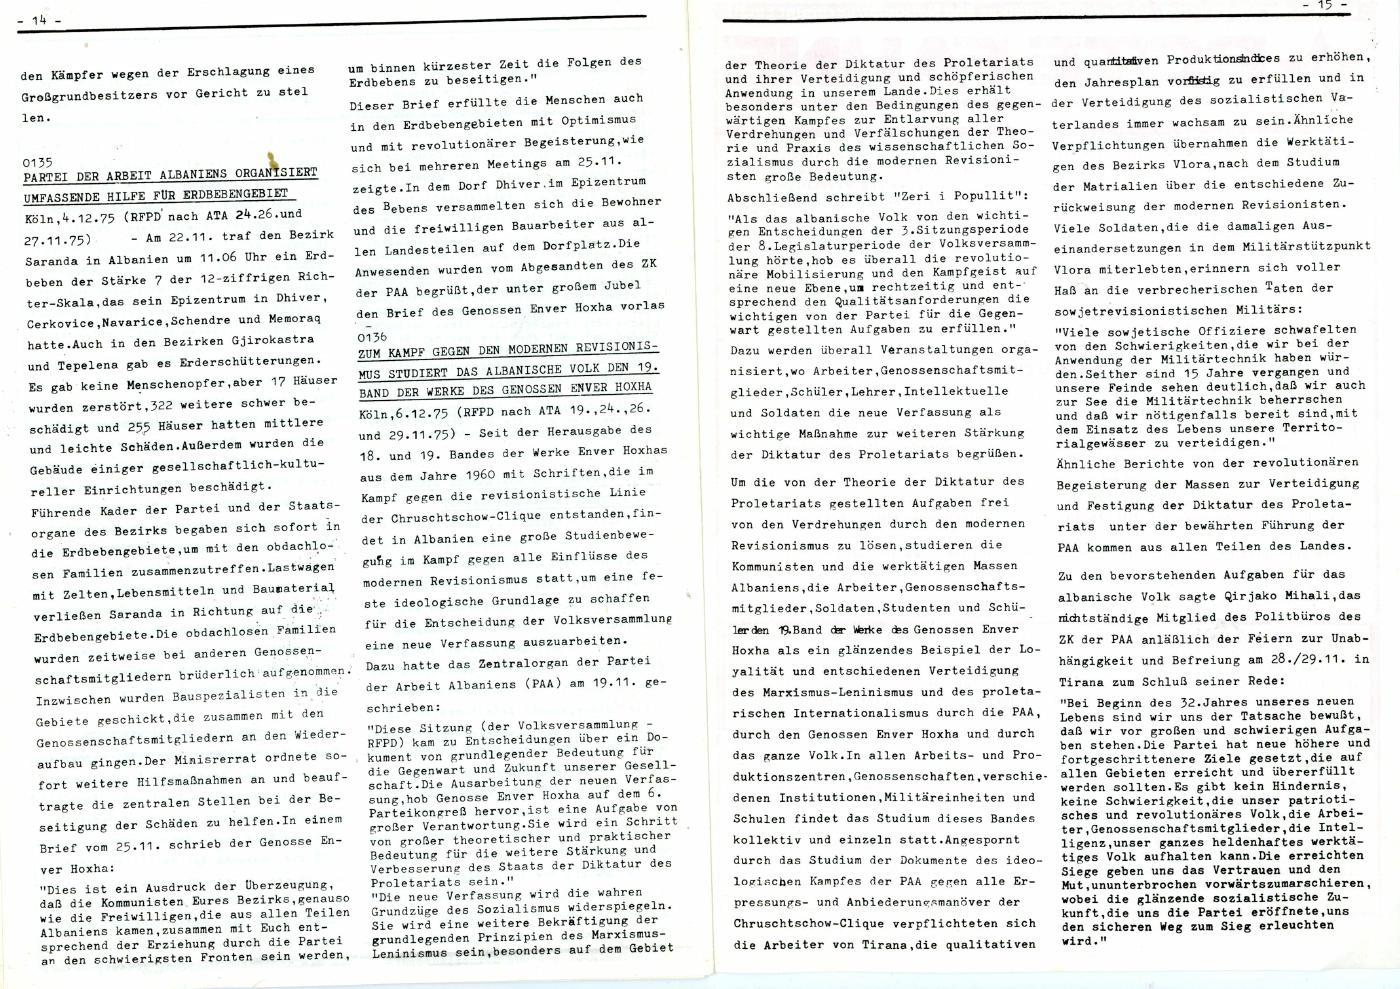 Rote_Fahne_Pressedienst_1975_05_08